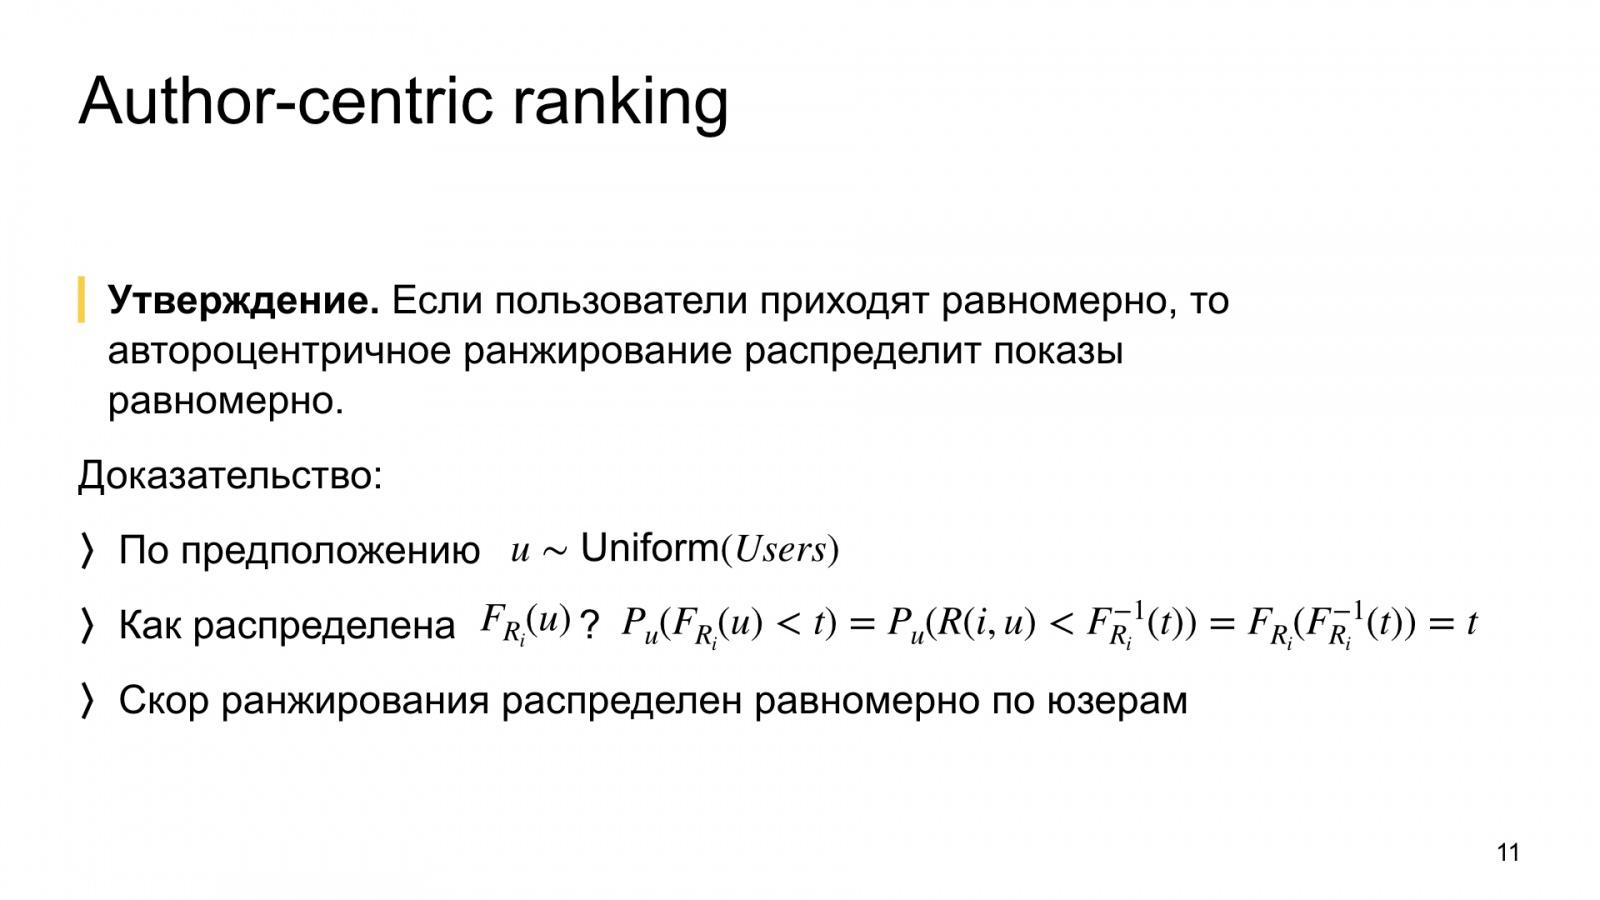 Автороцентричное ранжирование. Доклад Яндекса о поиске релевантной аудитории для авторов Дзена - 11